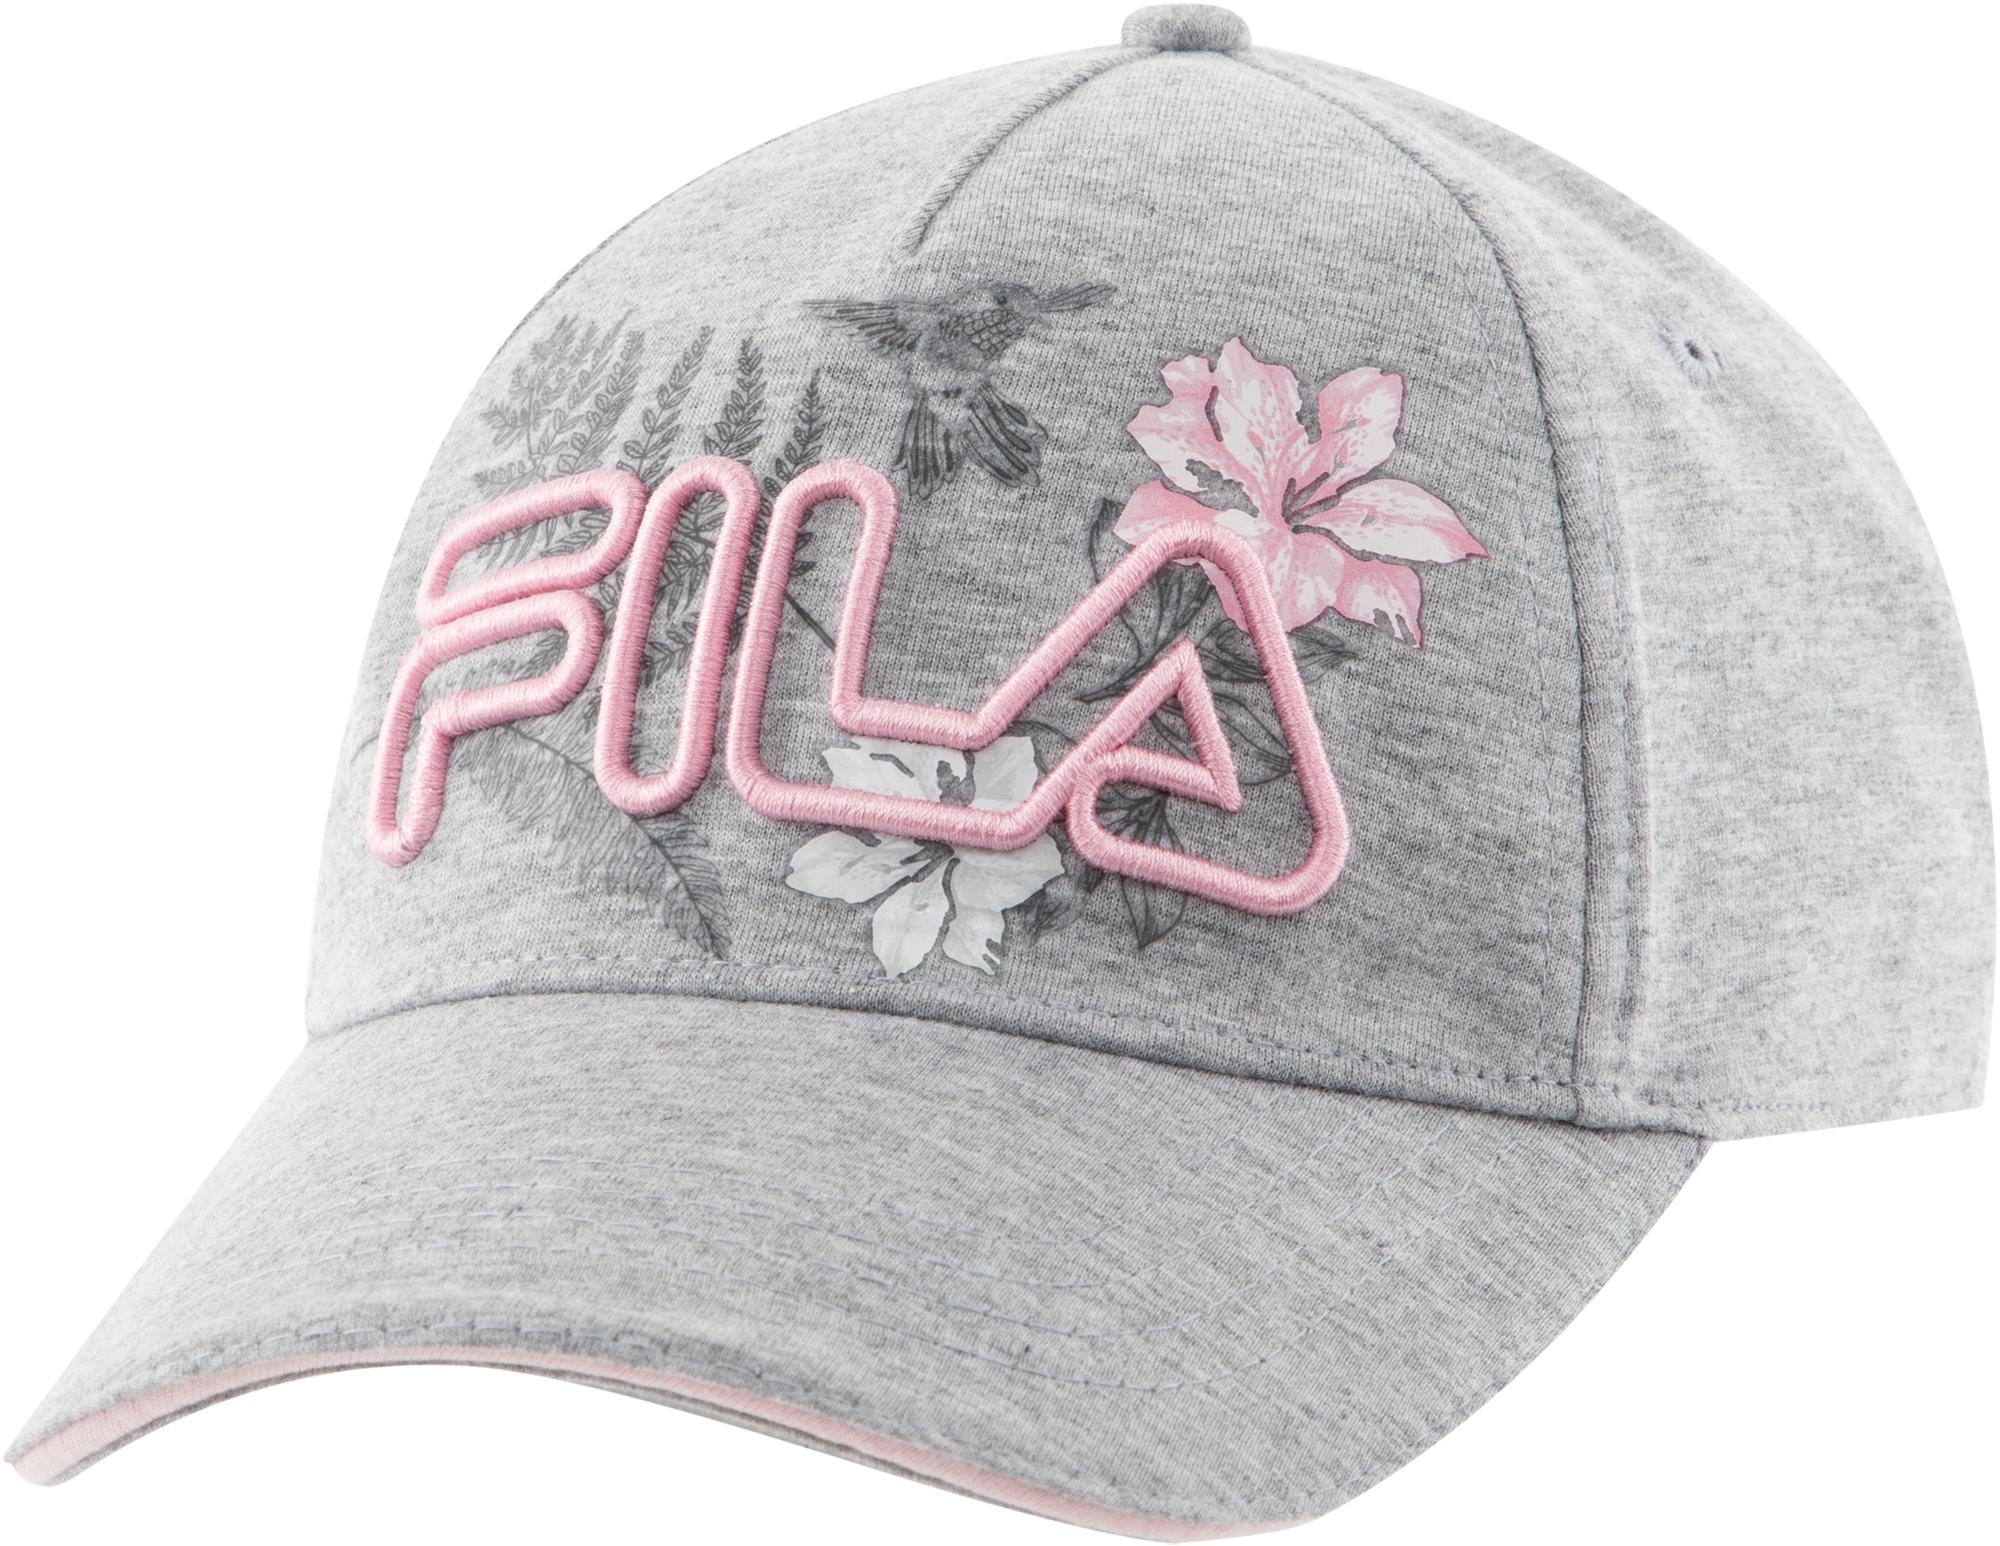 Fila Бейсболка для девочек Fila, размер 54